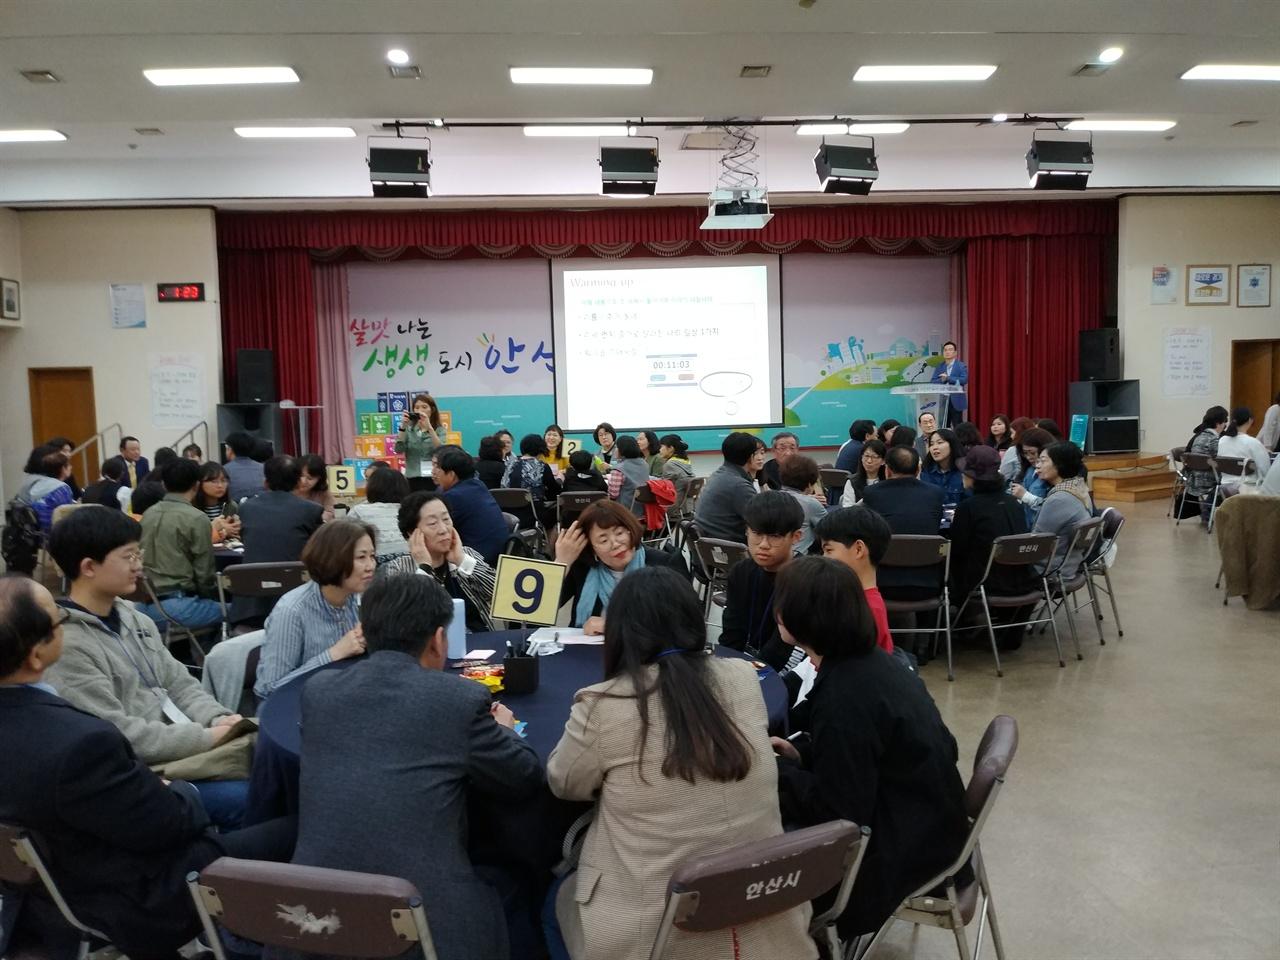 미세먼지없는안산원탁토론회1 '미세먼지 없는 안산을 위한 100인 원탁 토론회' 가 진행되고 있다.